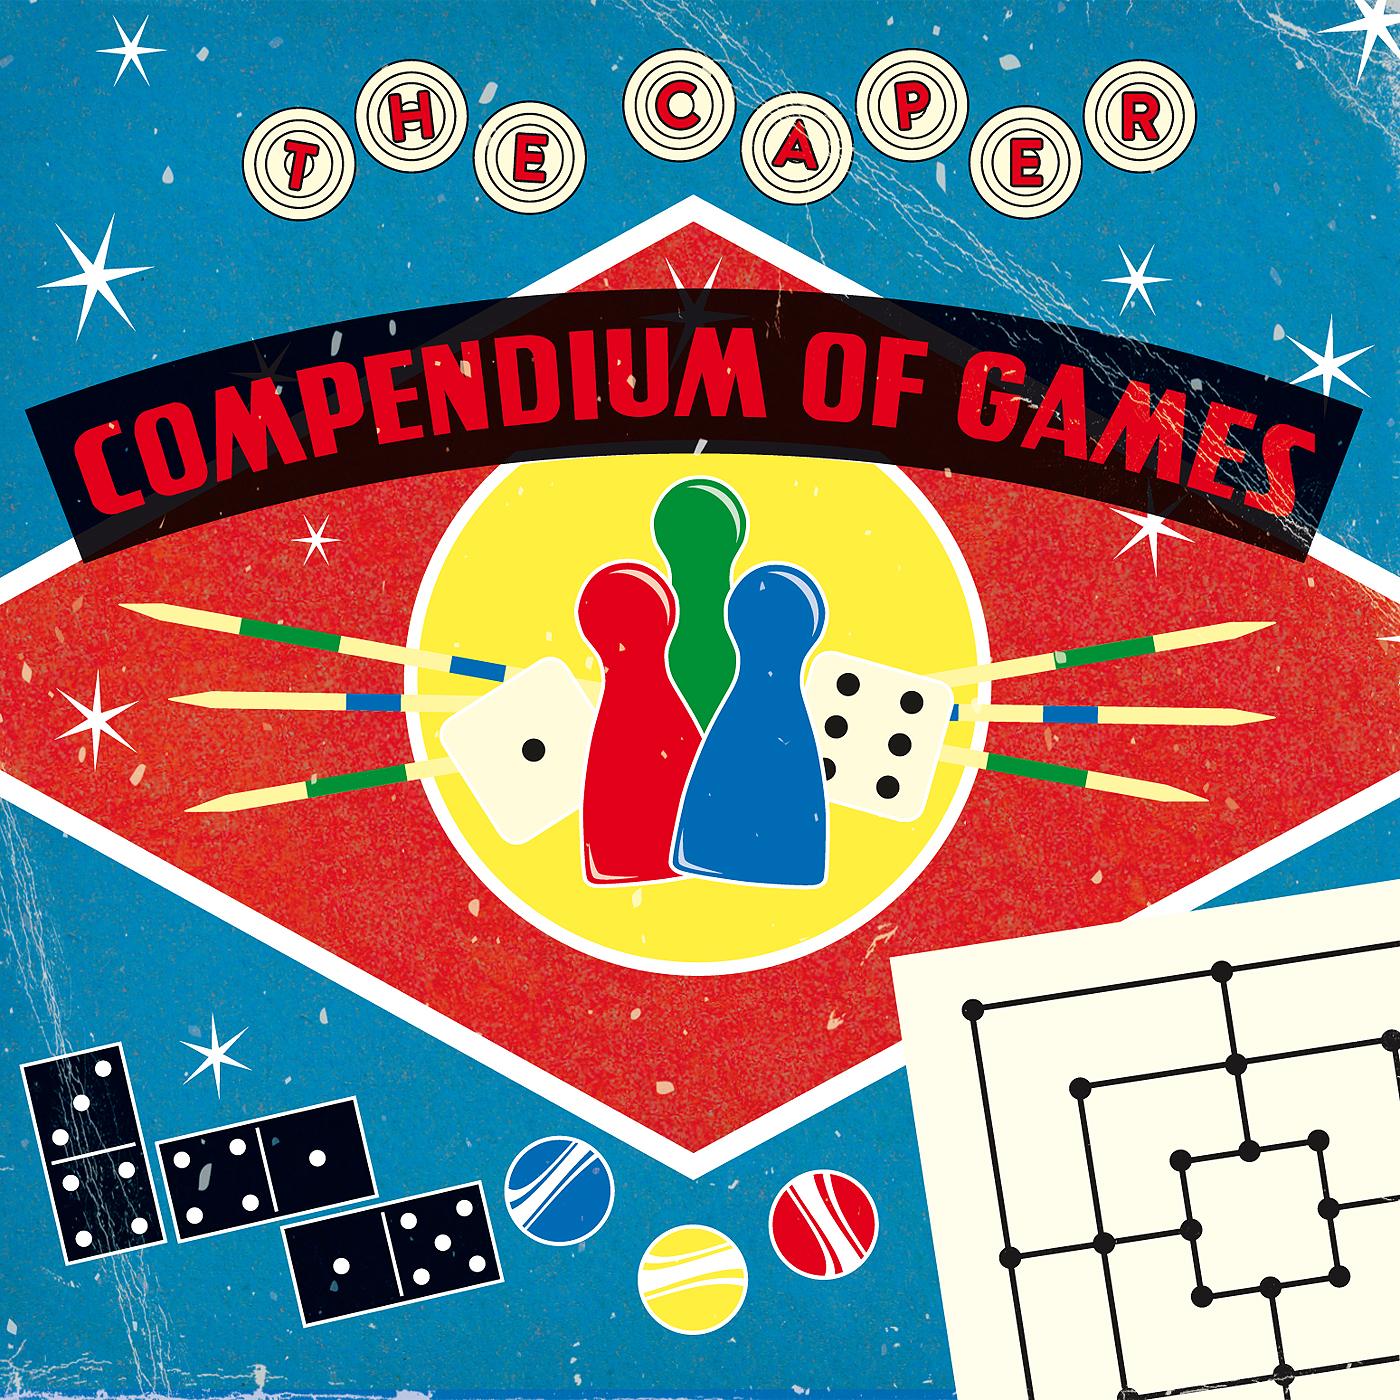 The Caper: Compendium Of Games